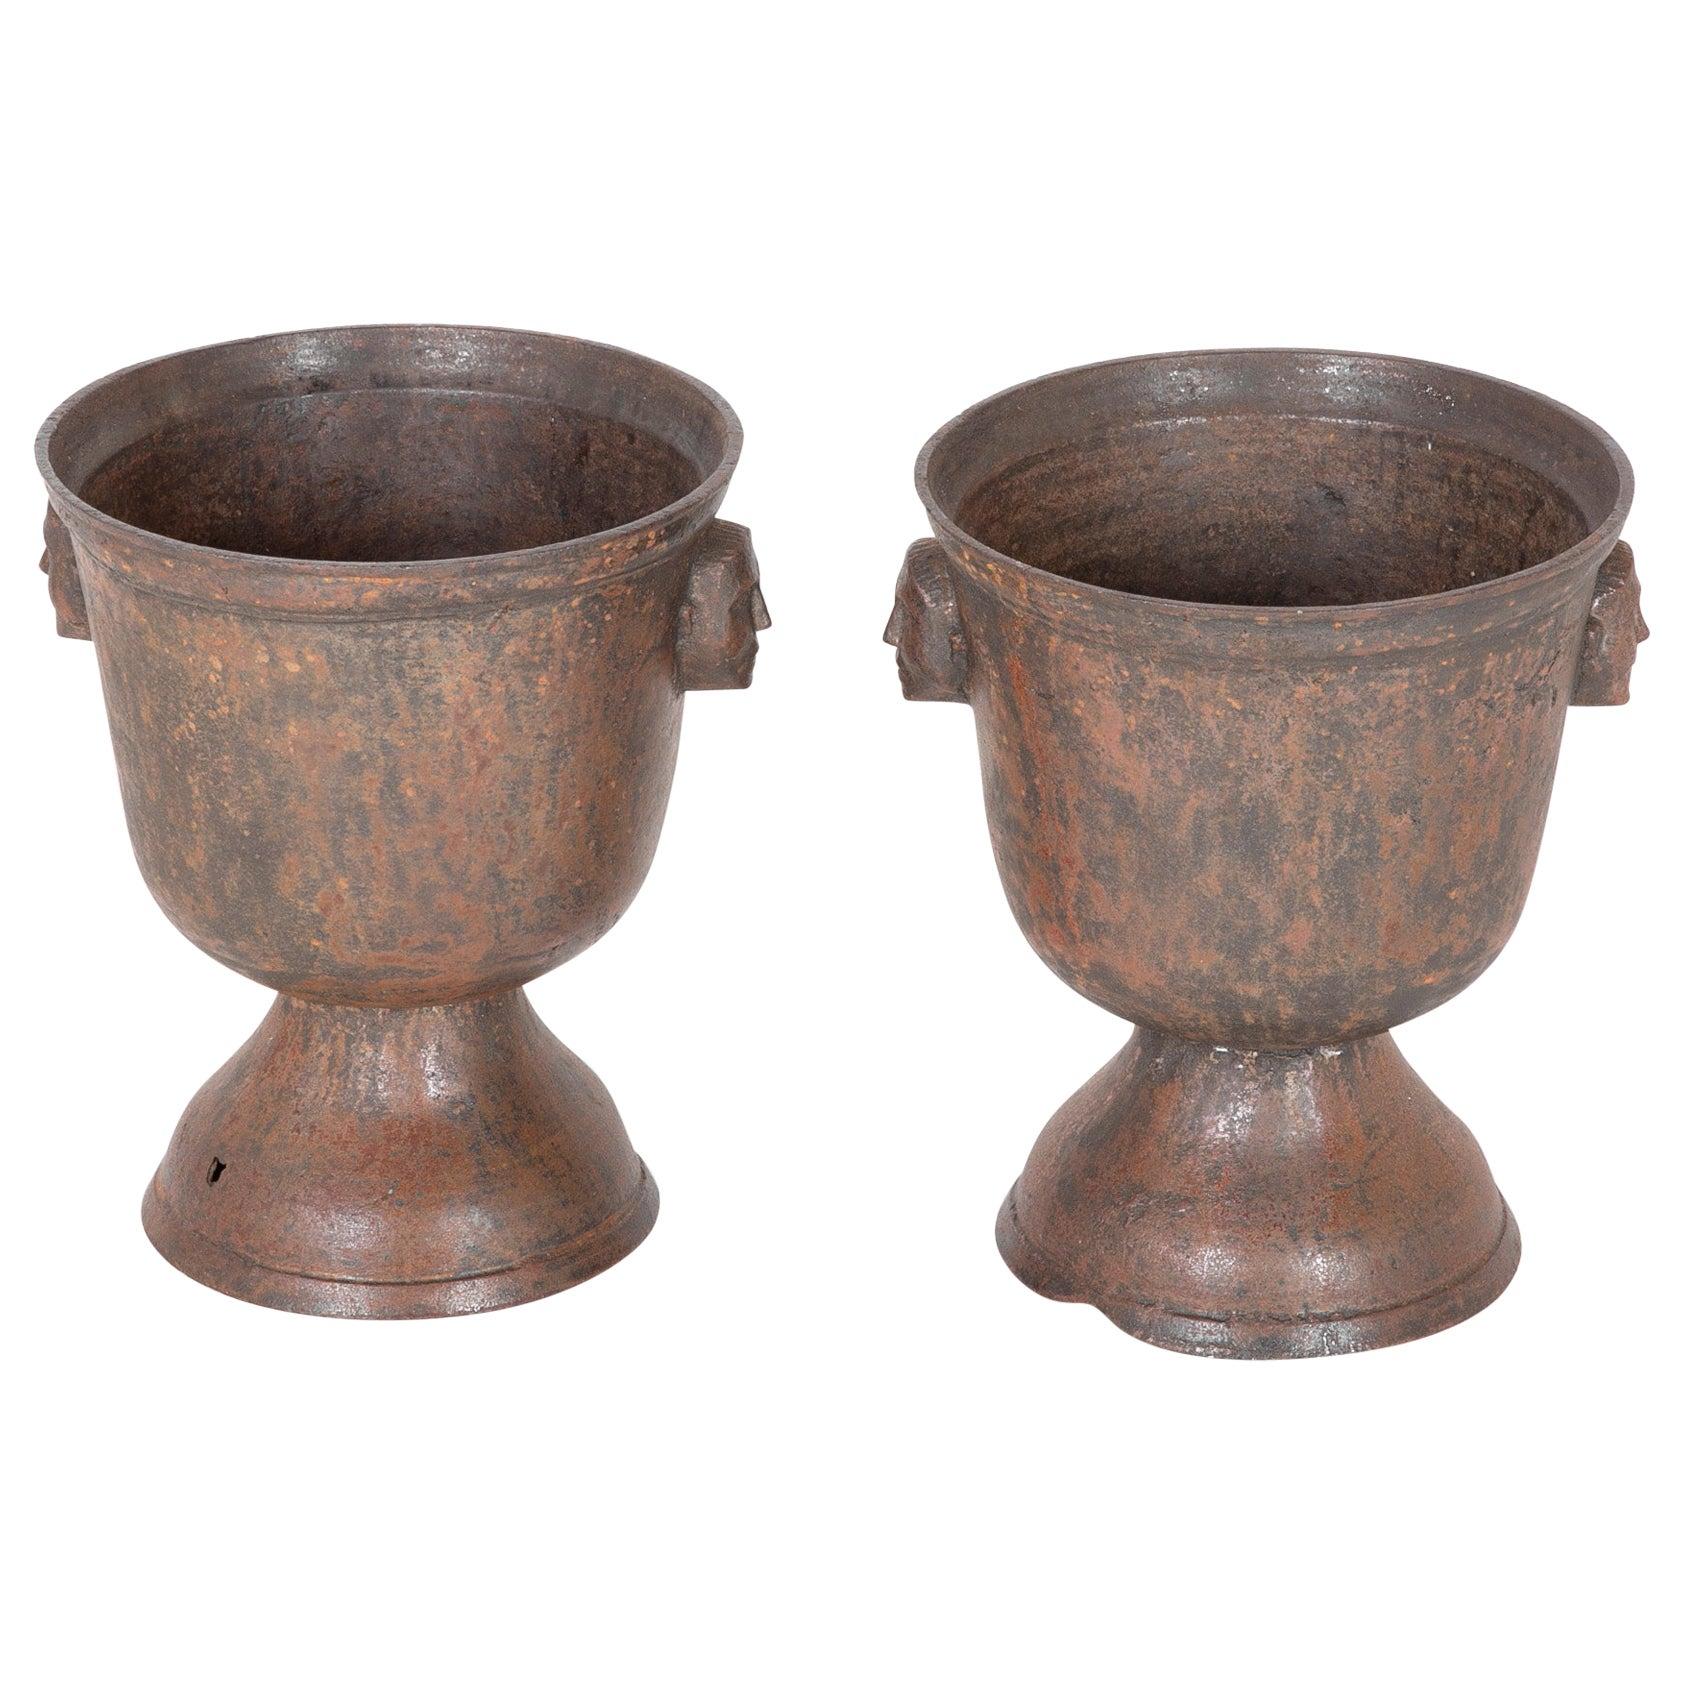 Pair of 18th Century Iron Urns